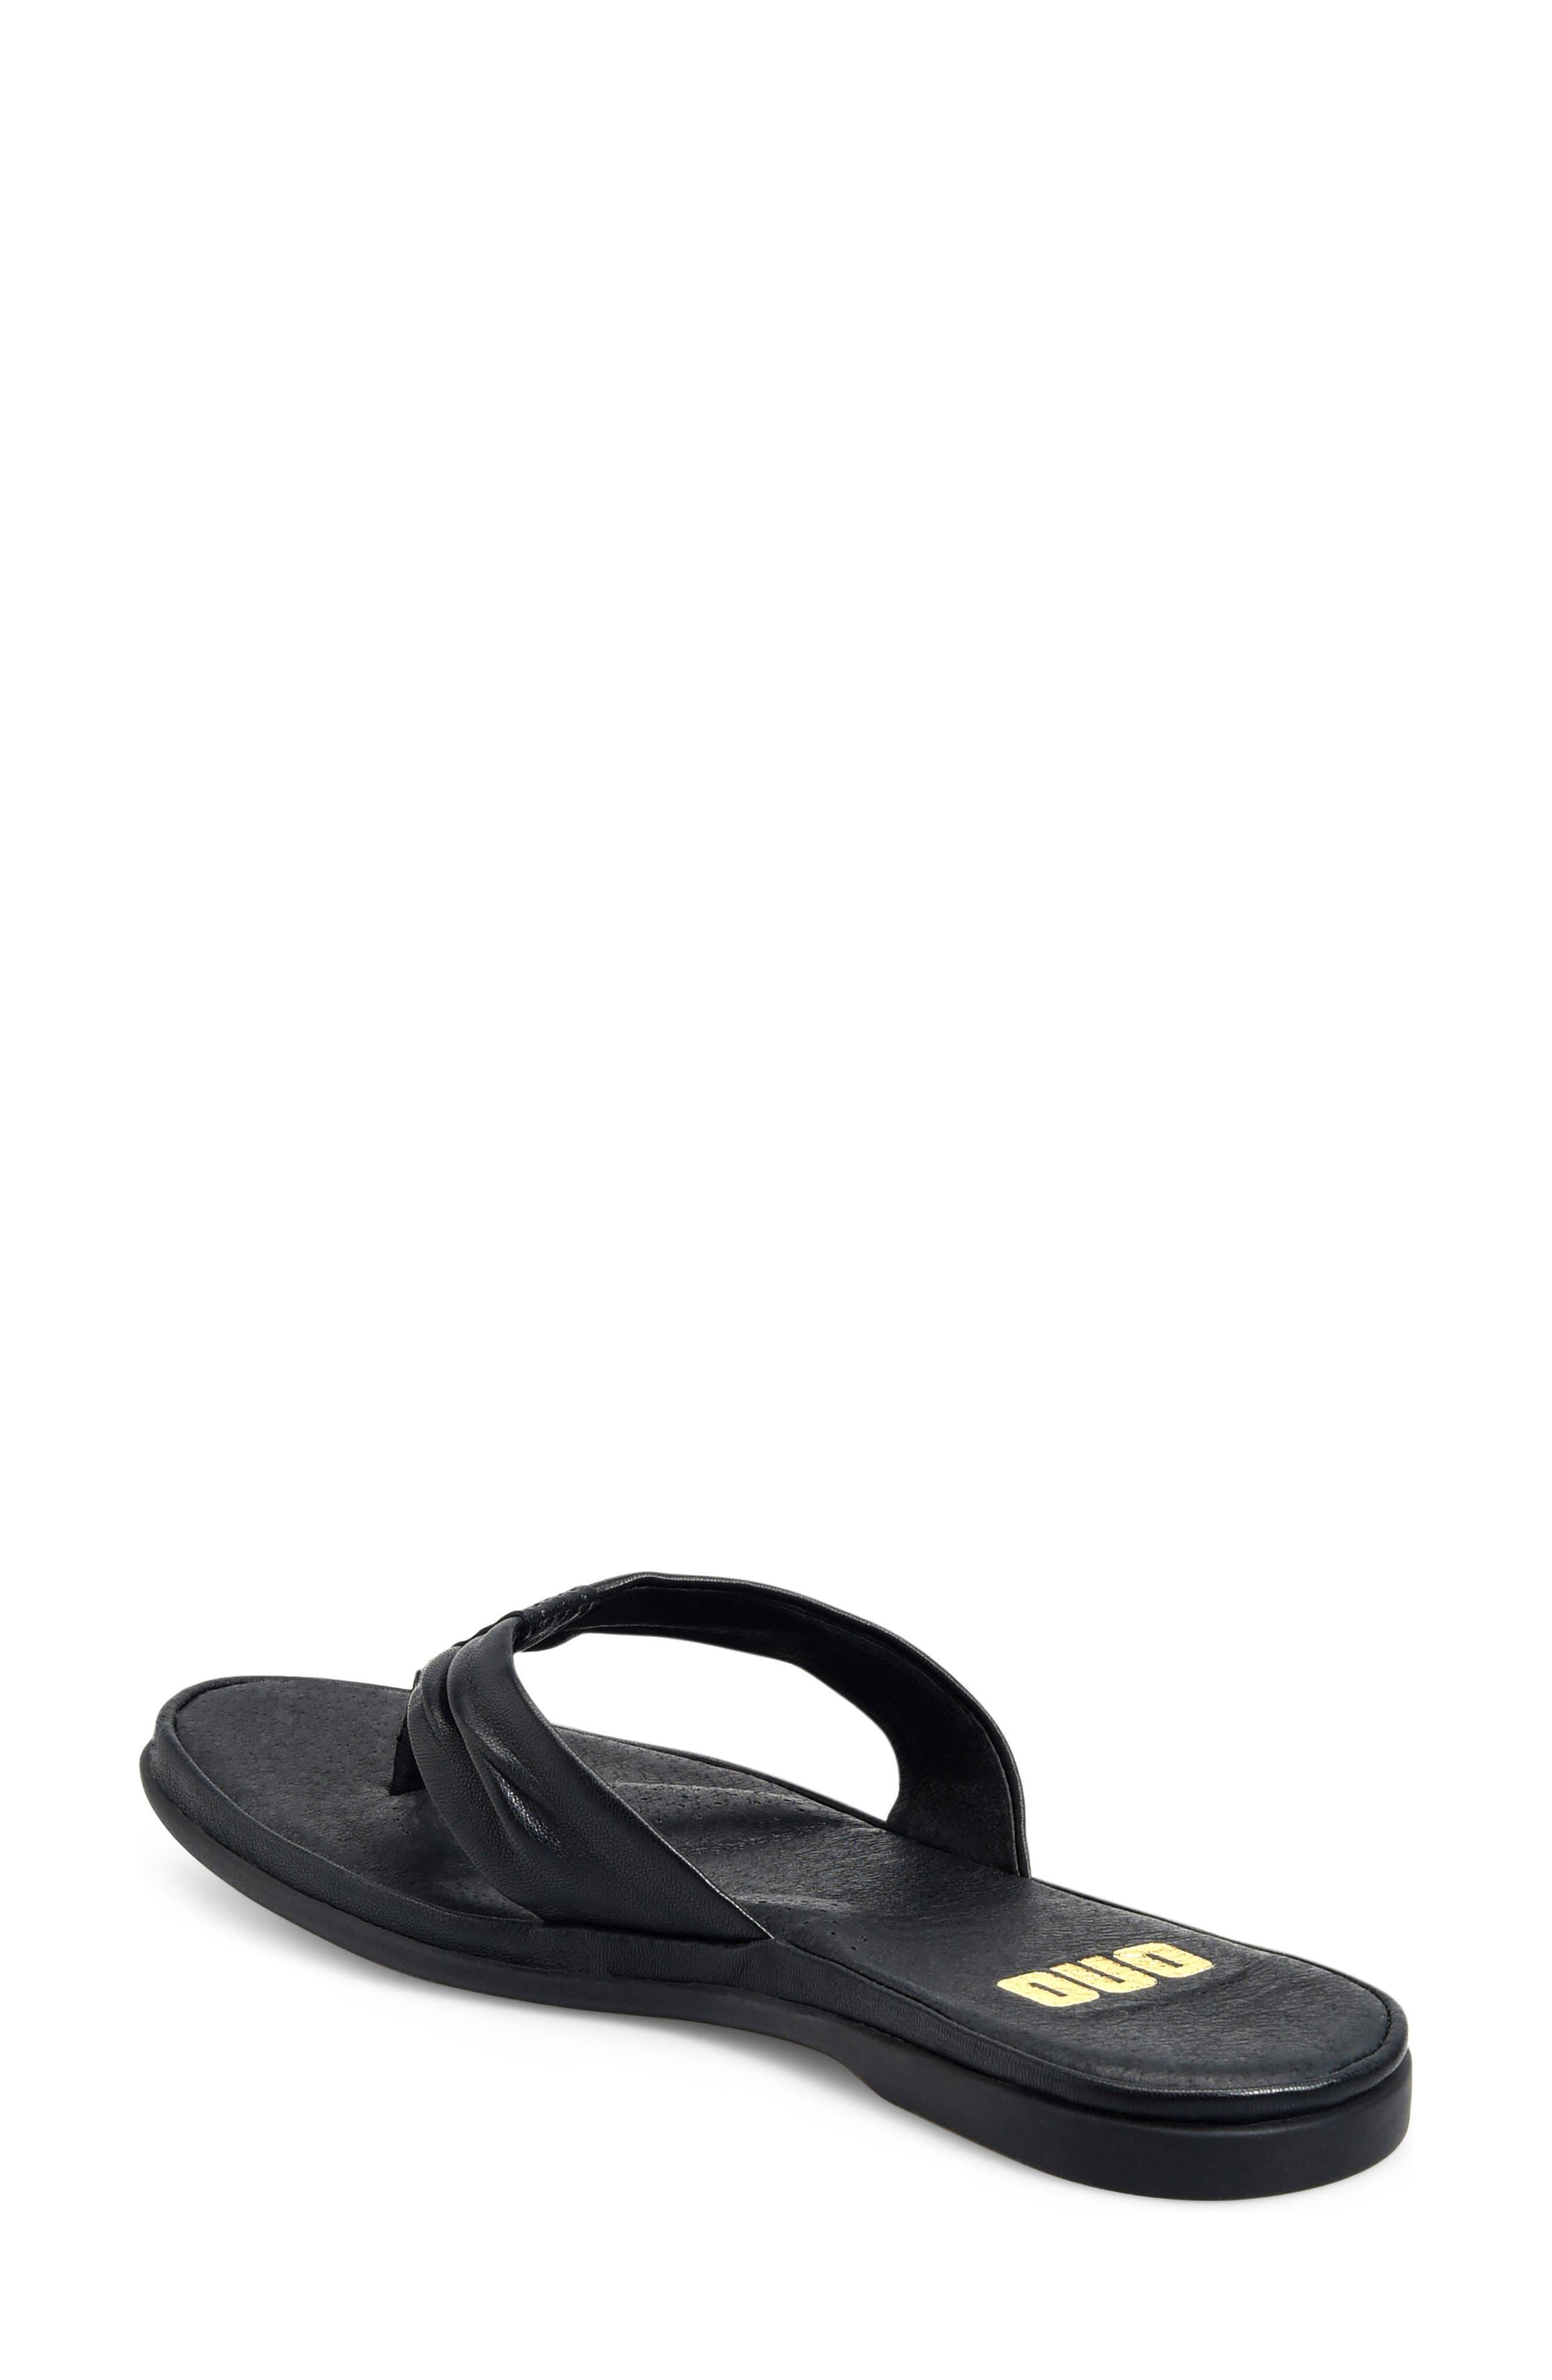 Liv Flip Flop,                             Alternate thumbnail 2, color,                             Black Leather